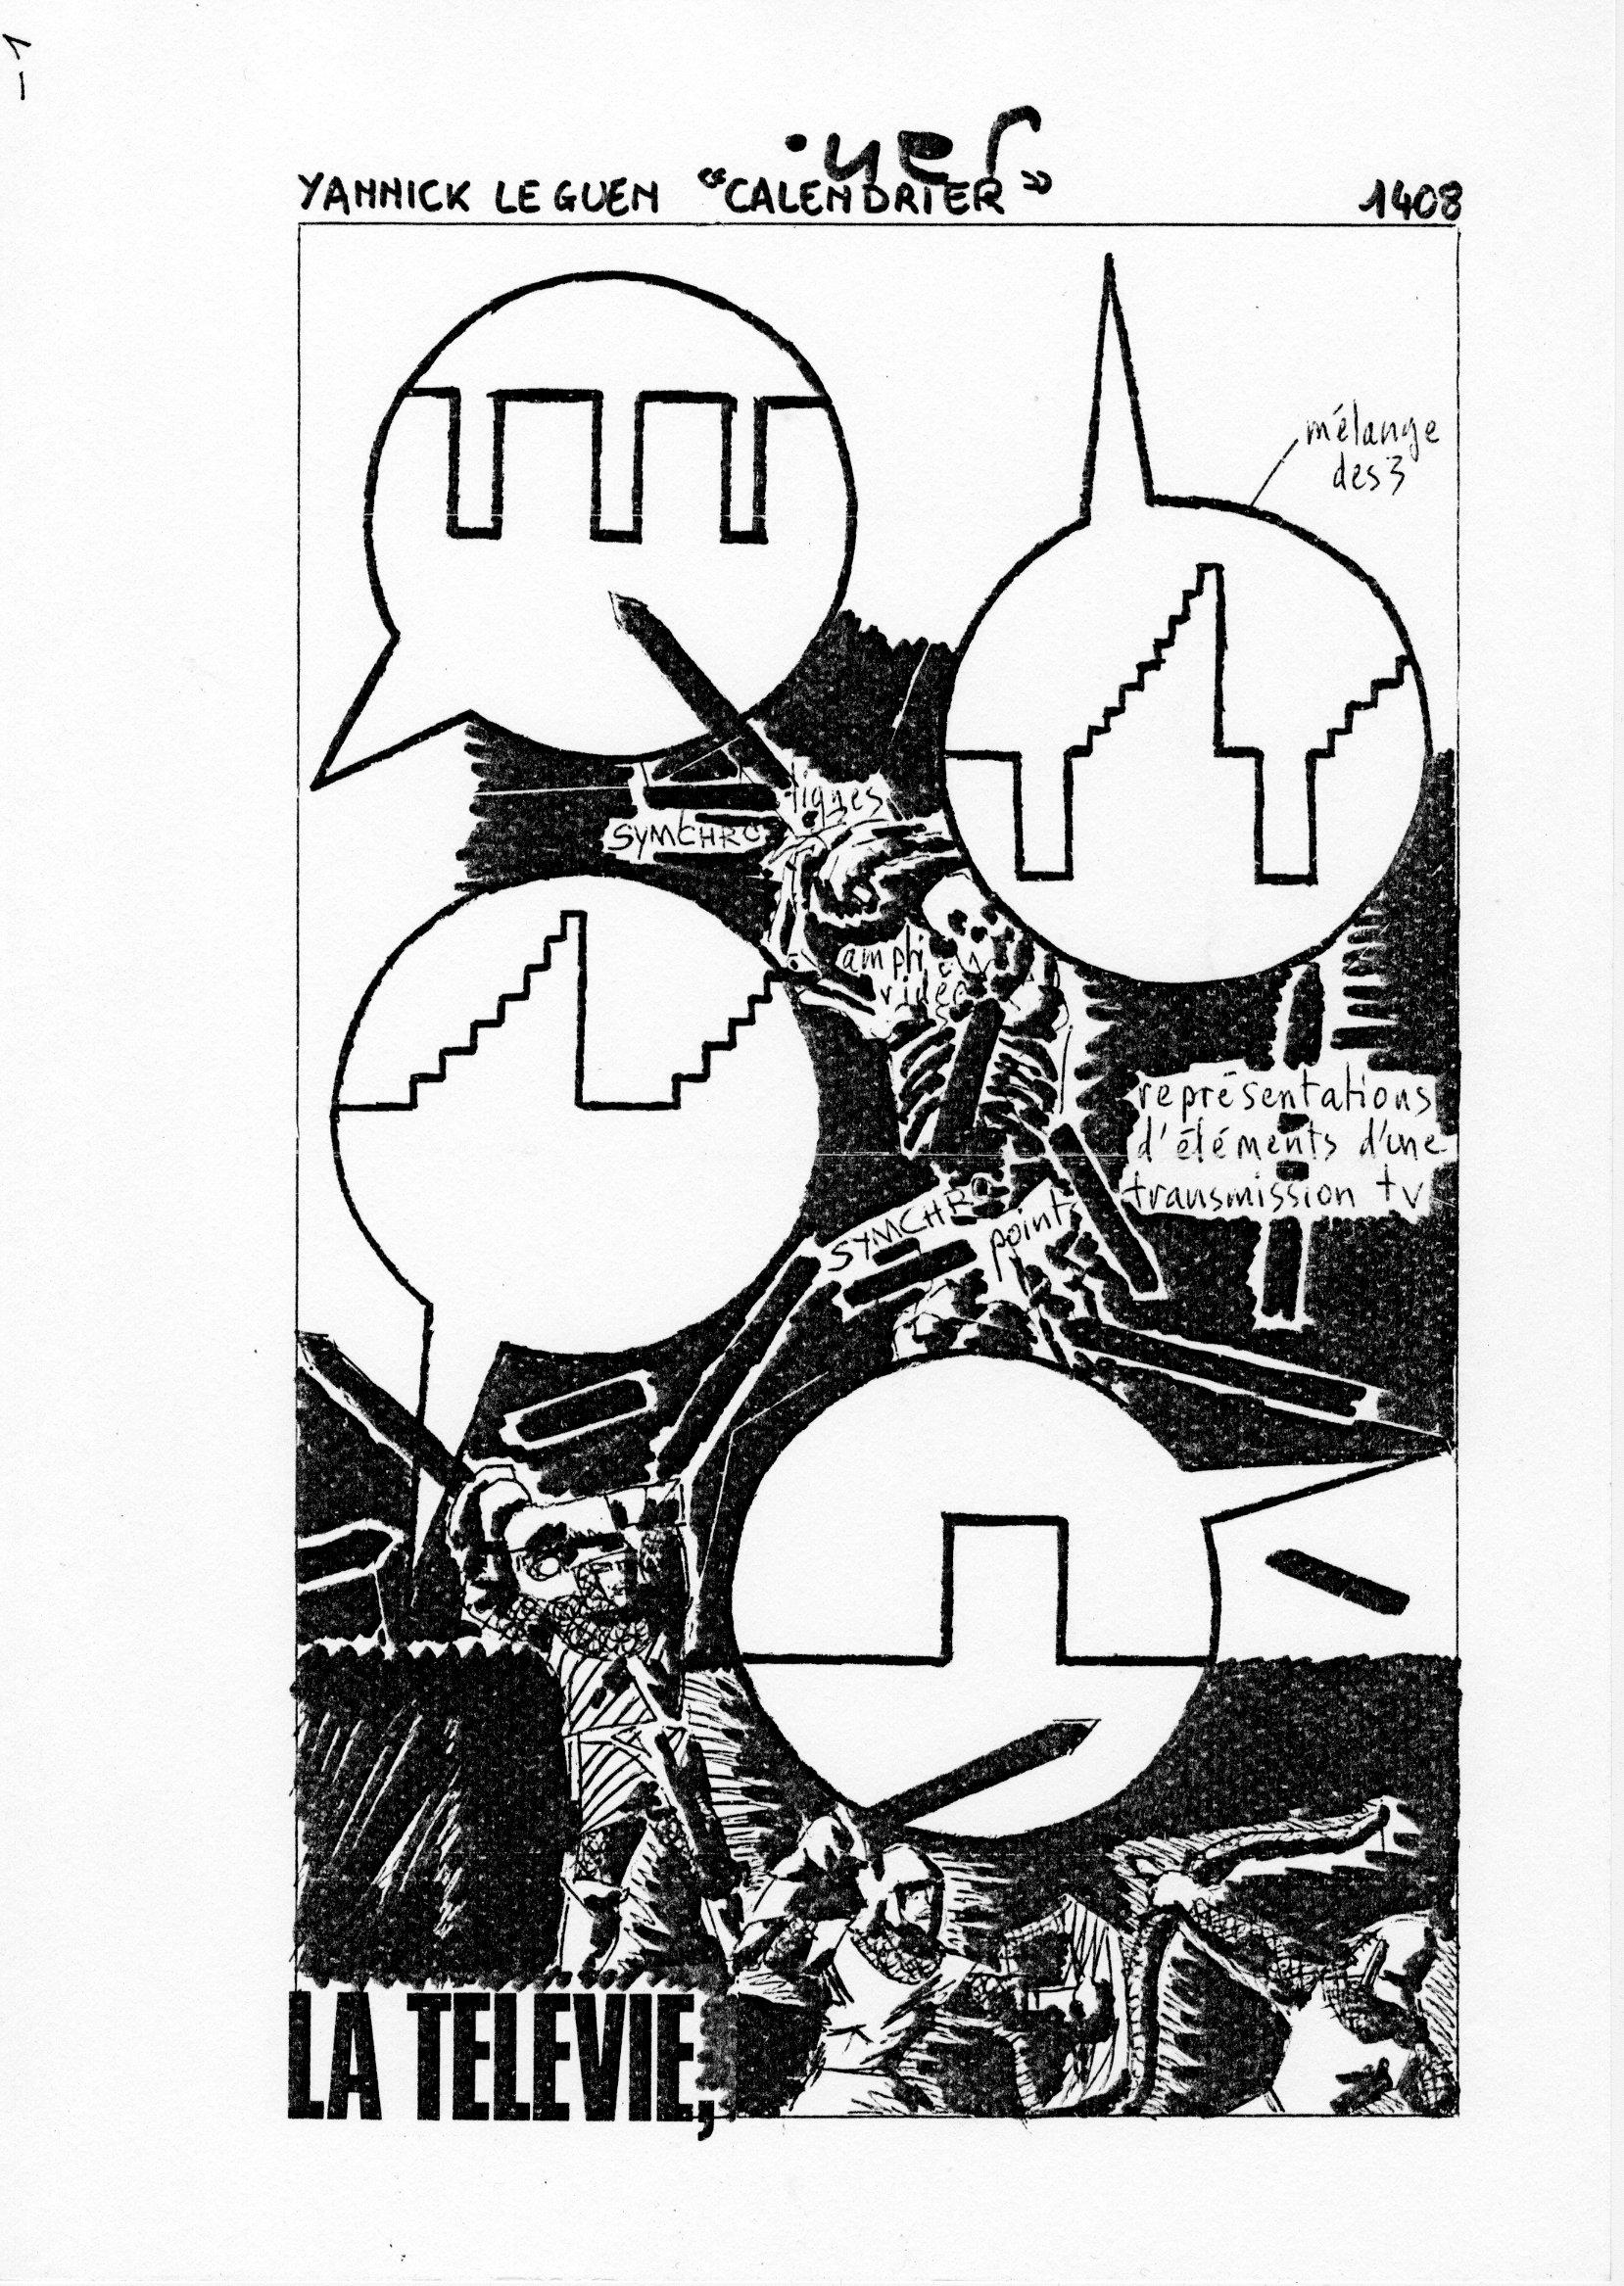 page 1408 Y. Leguen CALENDRIER